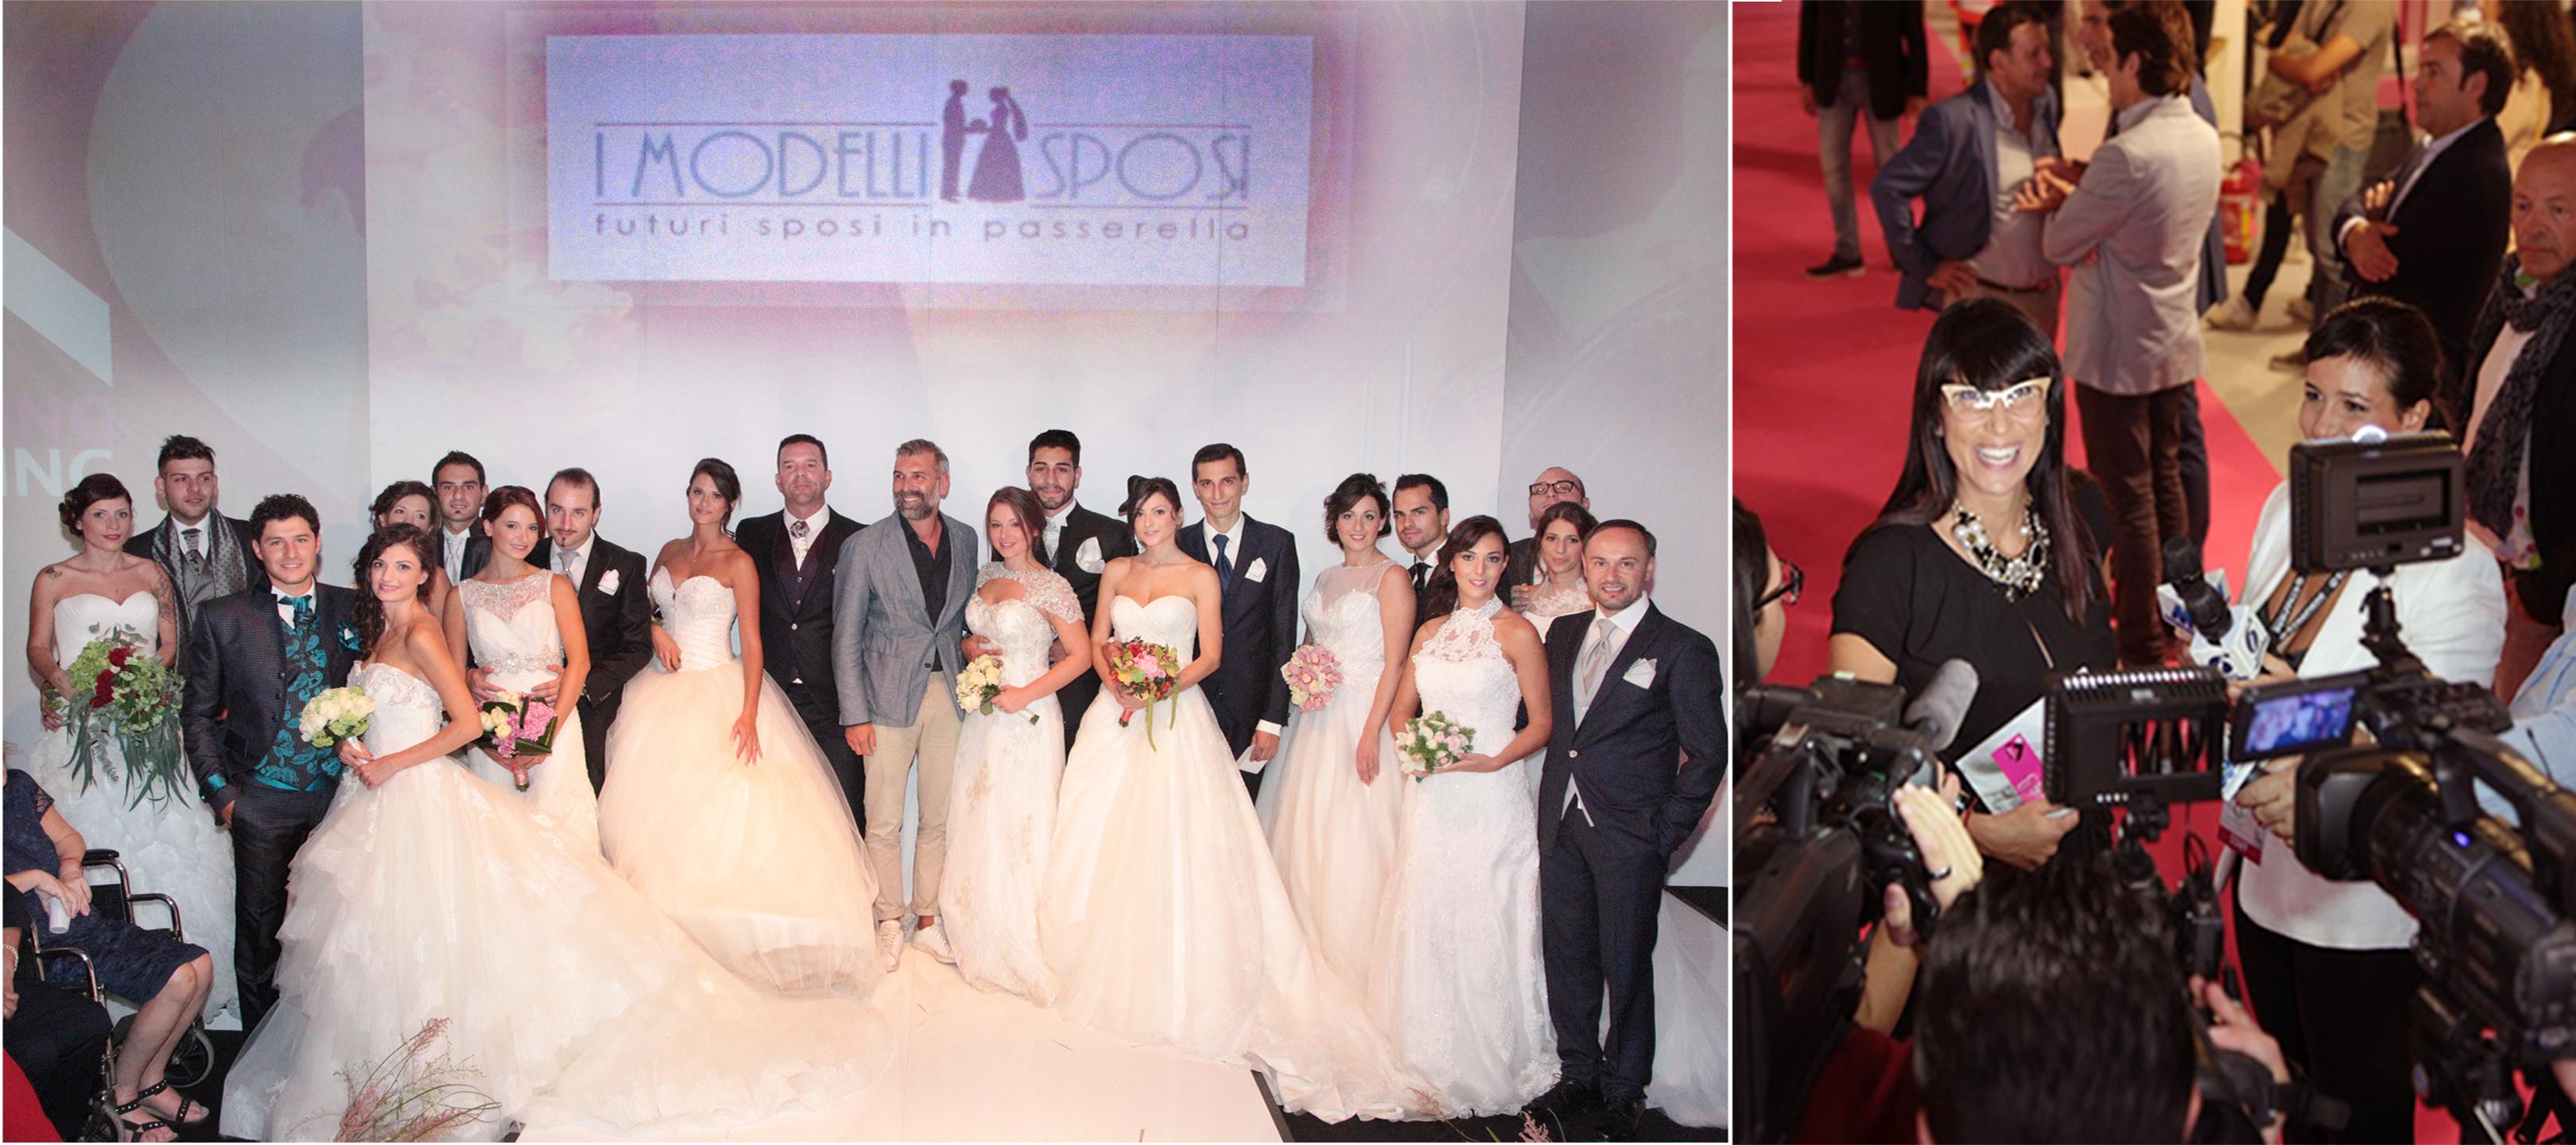 5a1b96e331cb WEDDING AND LIVING 2015  SALUTA IL PUBBLICO DI ETNAFIERE CON UN BELLISSIMO  SUCCESSO DANDO L APPUNTAMENTO AL PROSSIMO OTTOBRE 2016